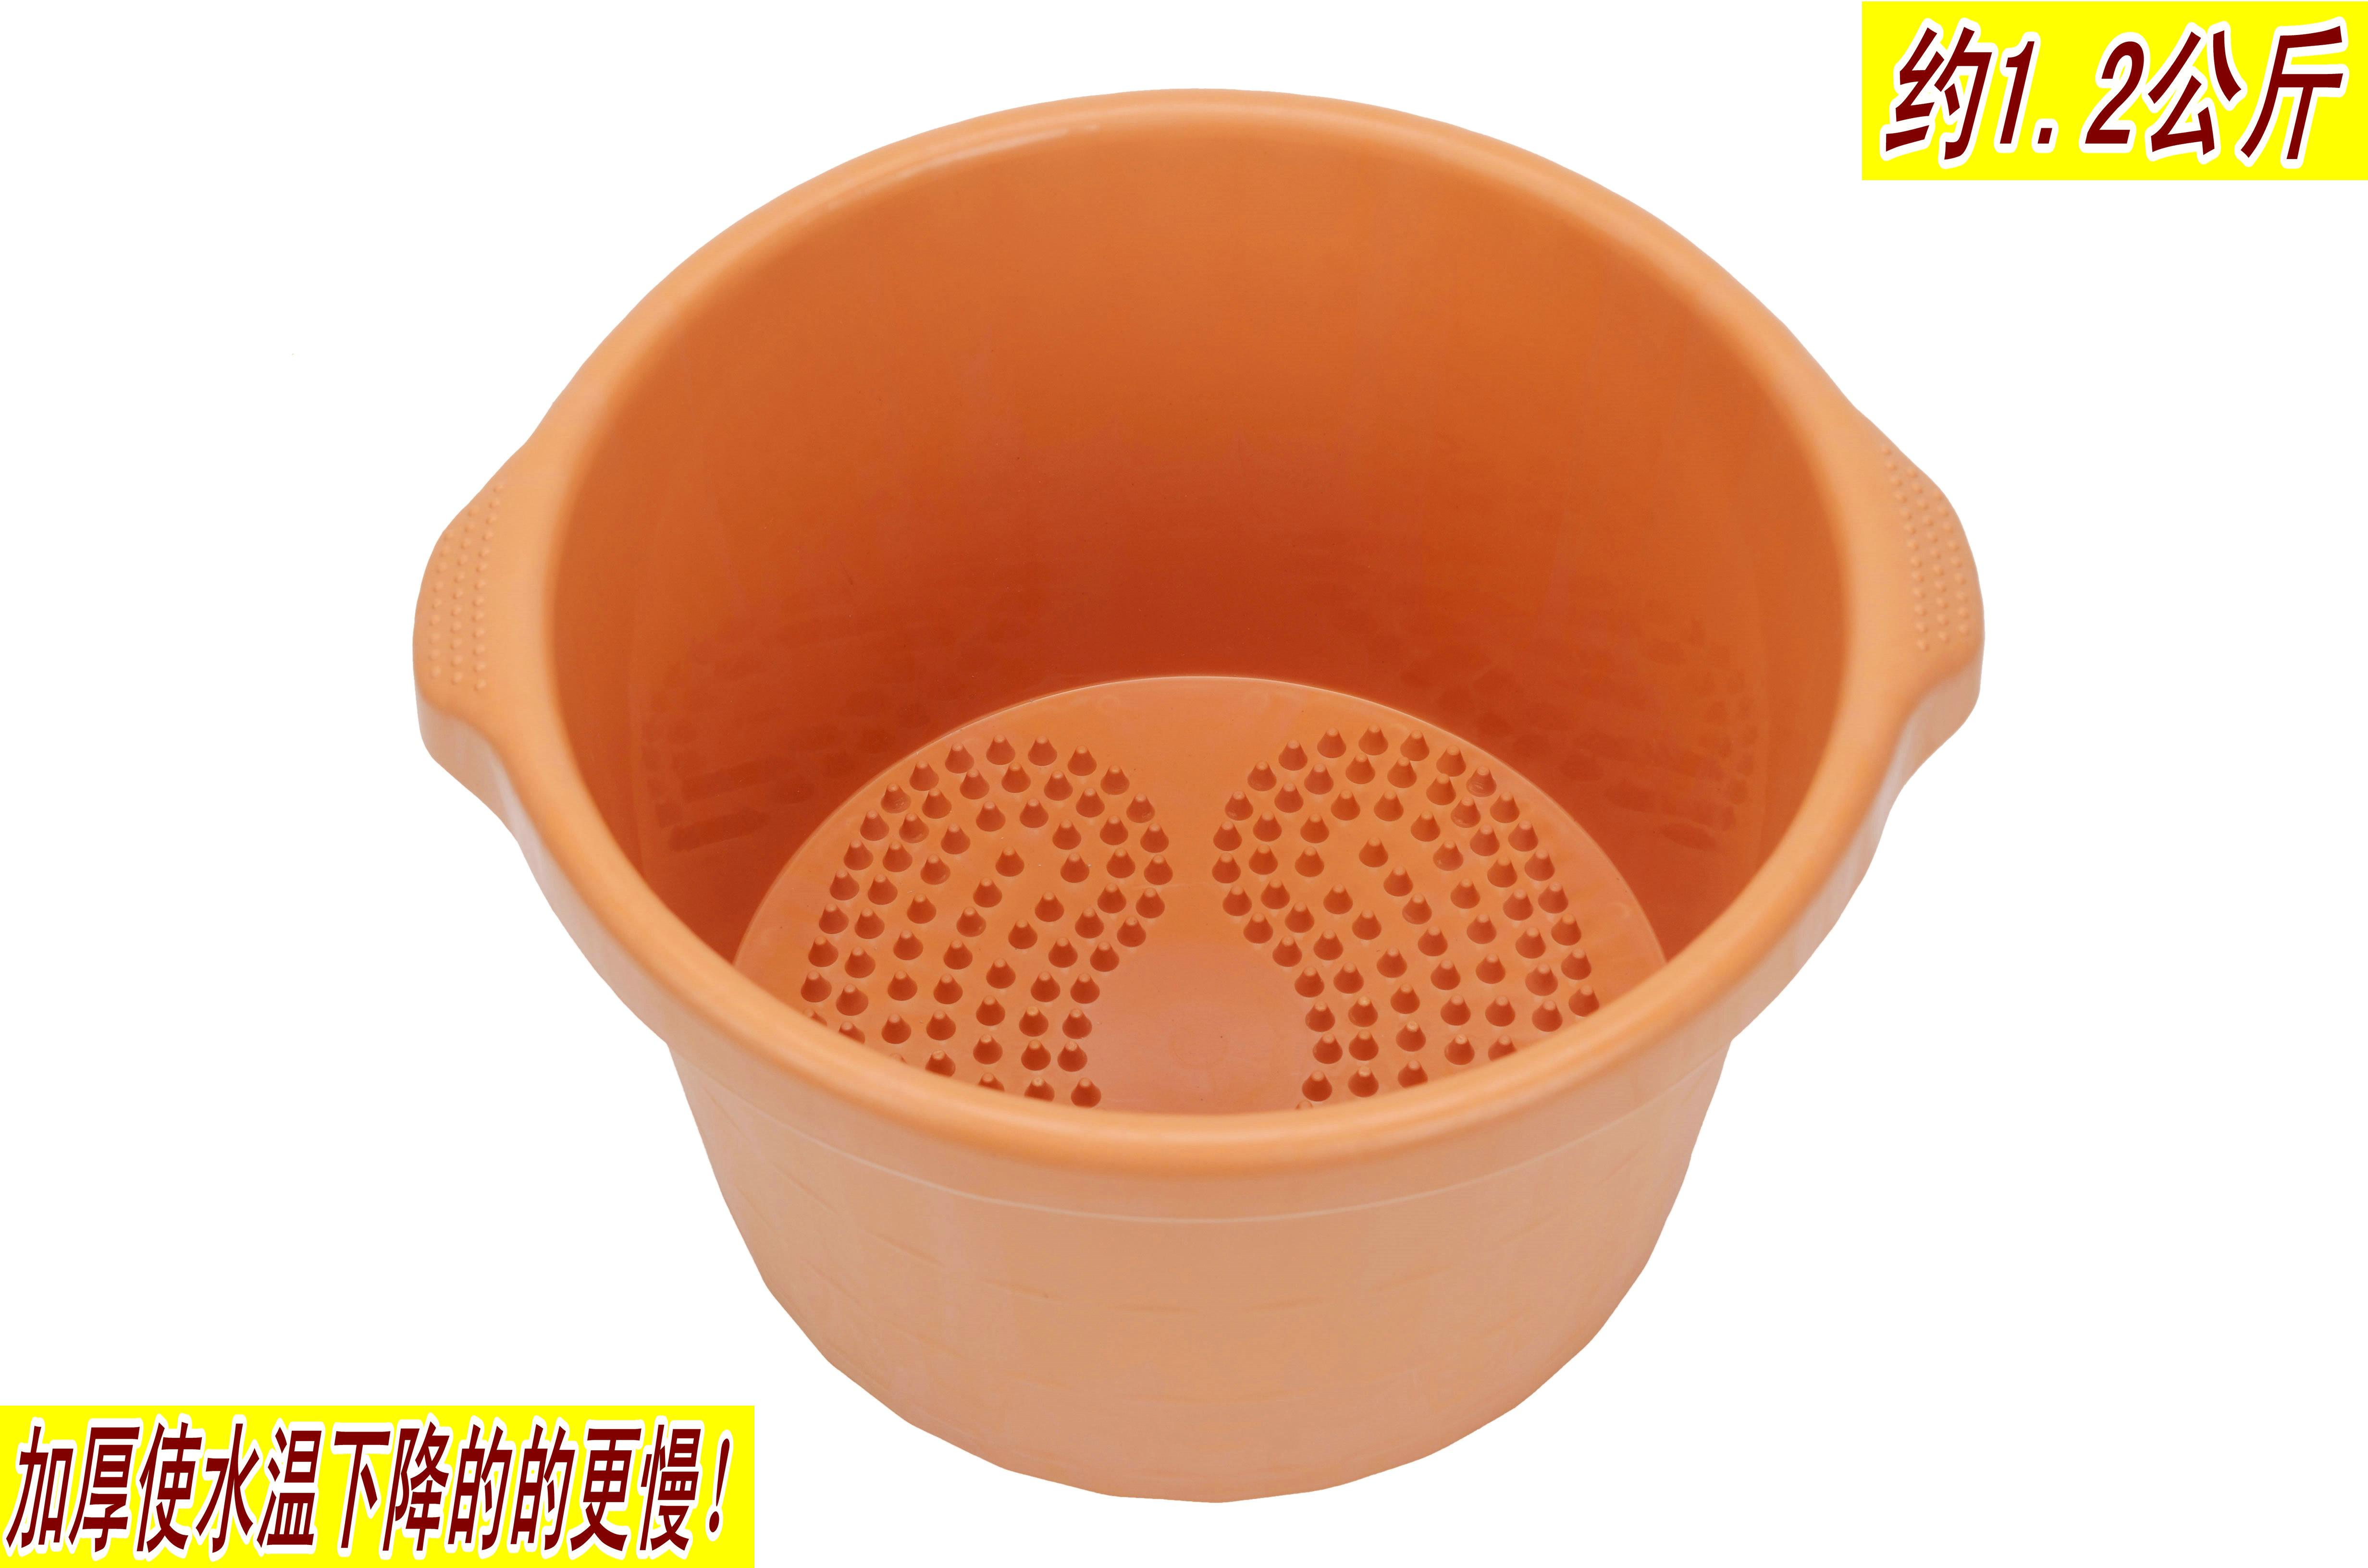 耐摔加厚加高塑料泡脚桶按摩底洗脚盆足浴盆桶泡脚盆仿木桶包邮